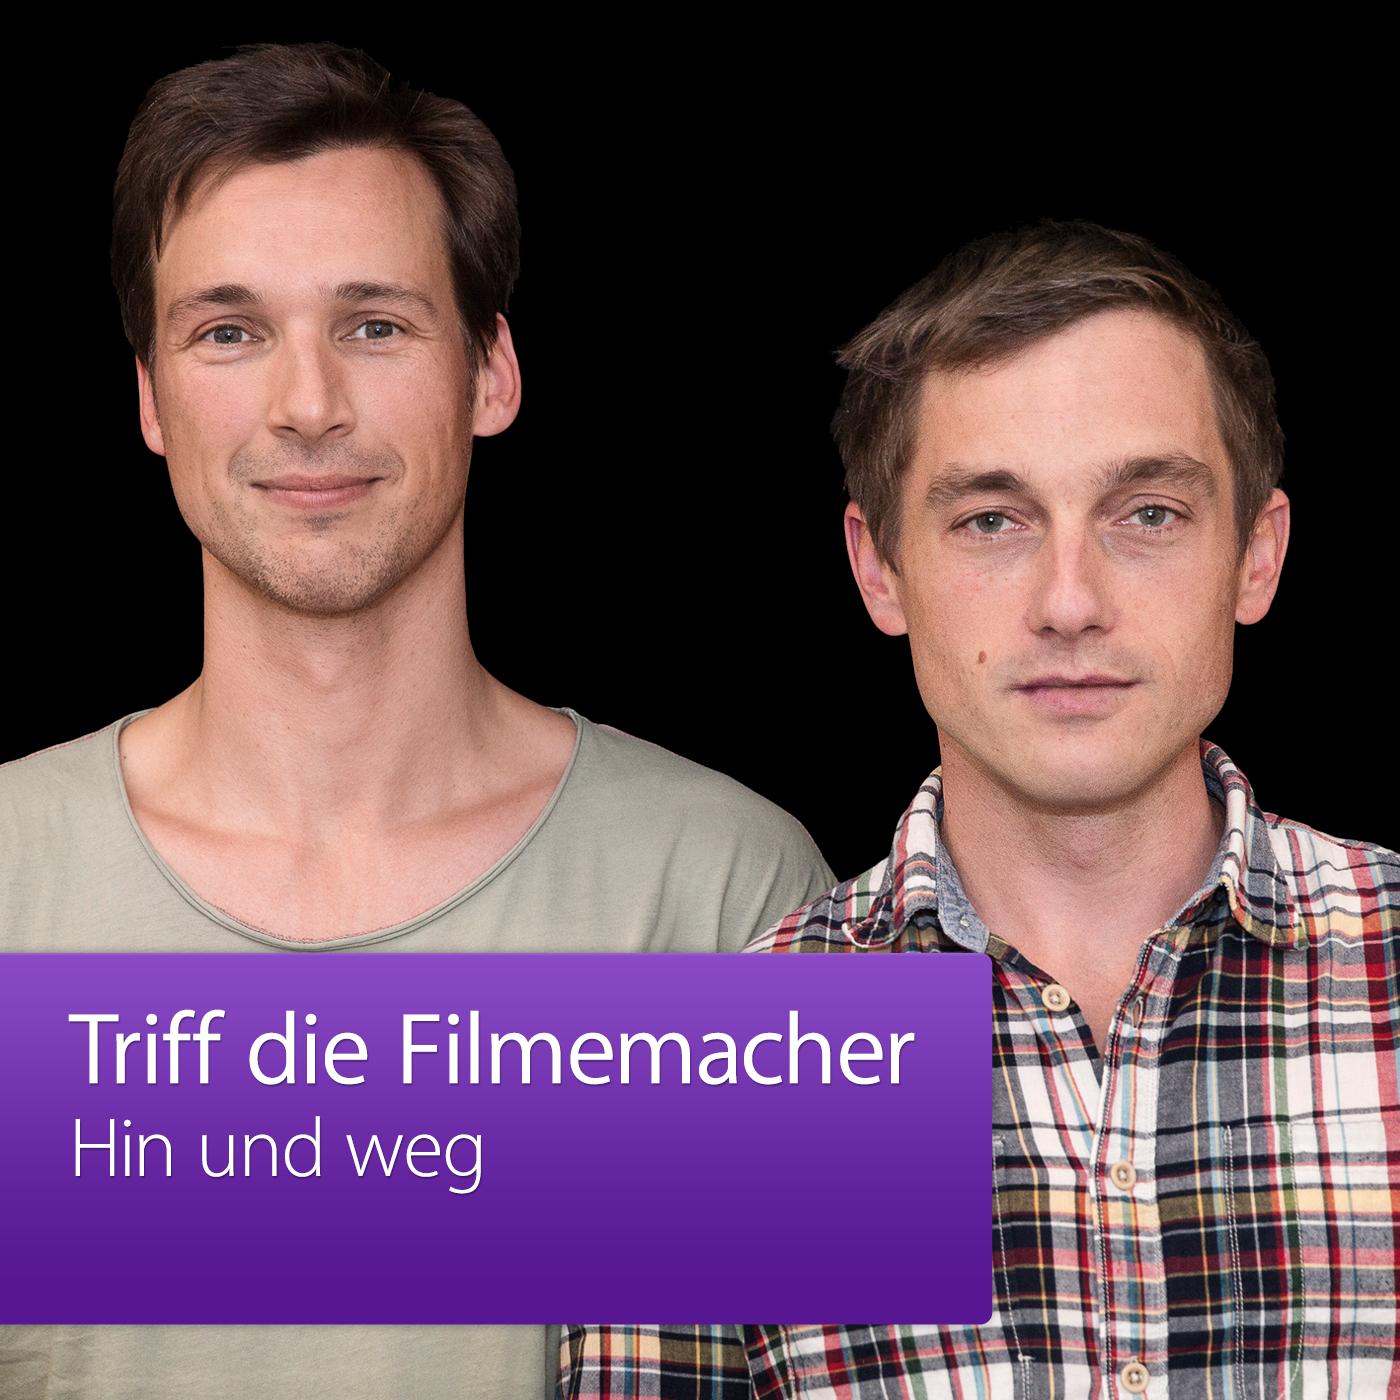 HIN UND WEG: Triff die Filmemacher